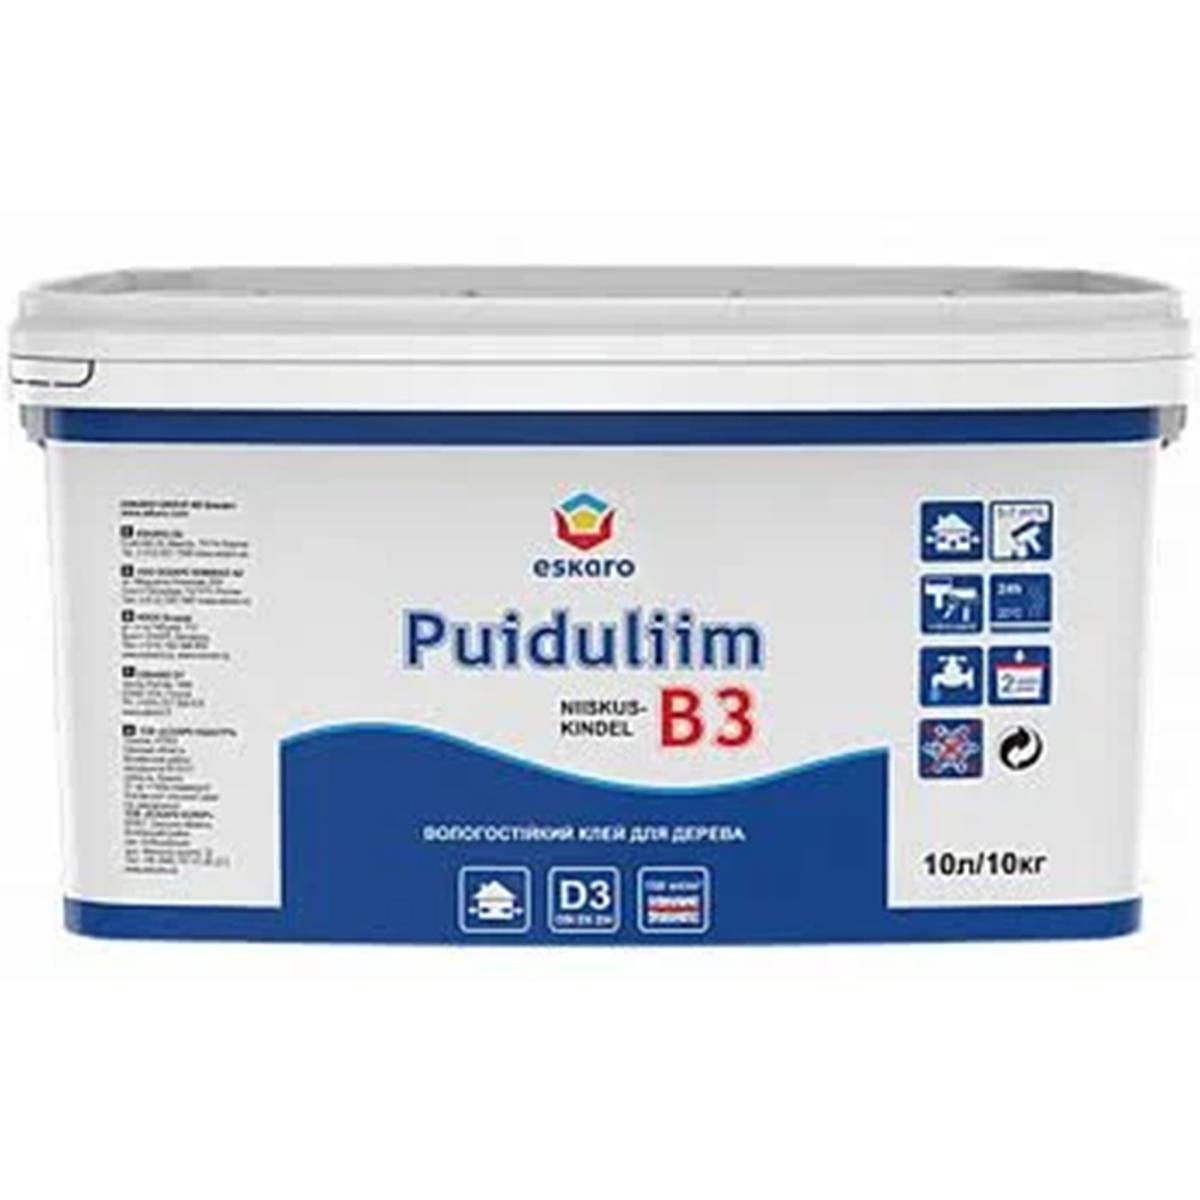 Влагостойкий клей для дерева Puiduliim B3 Eskaro 10л